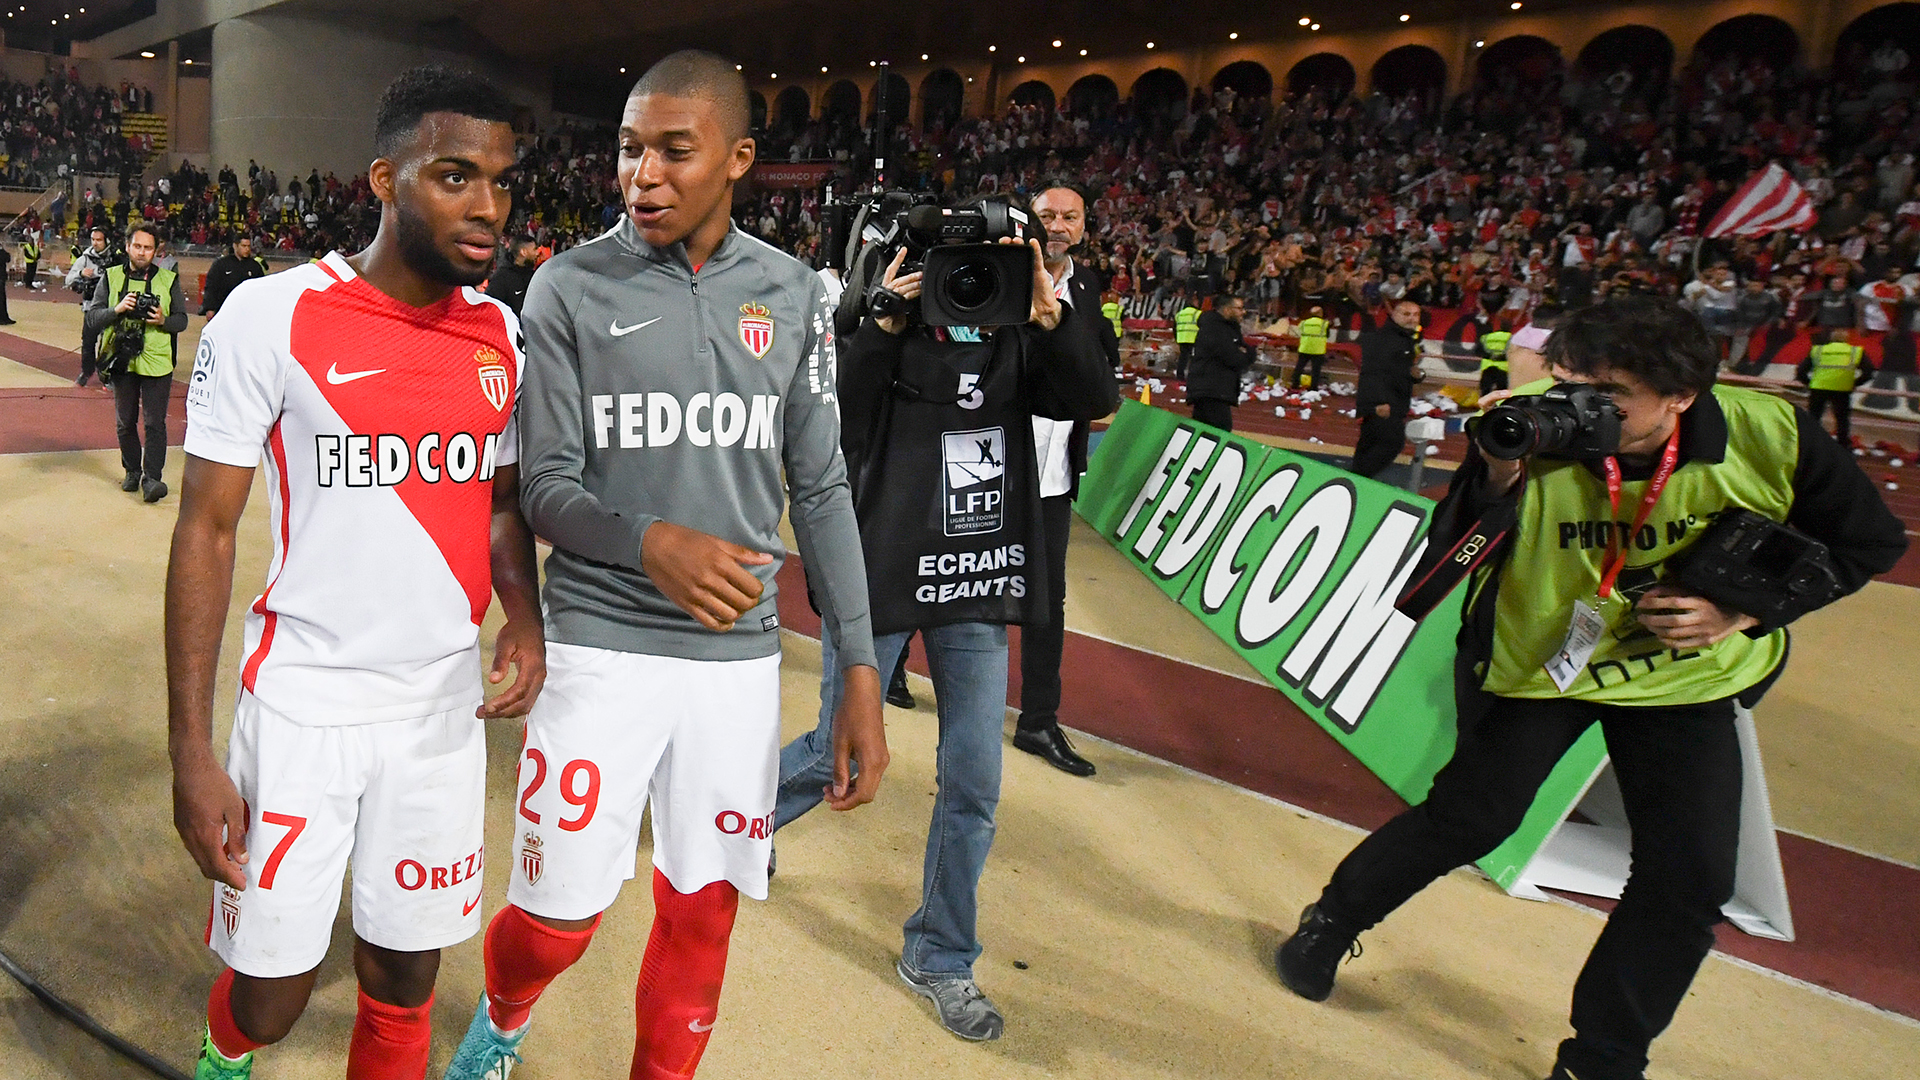 XÁC NHẬN: Mbappe, Lemar là những cầu thủ tiếp theo rời Monaco